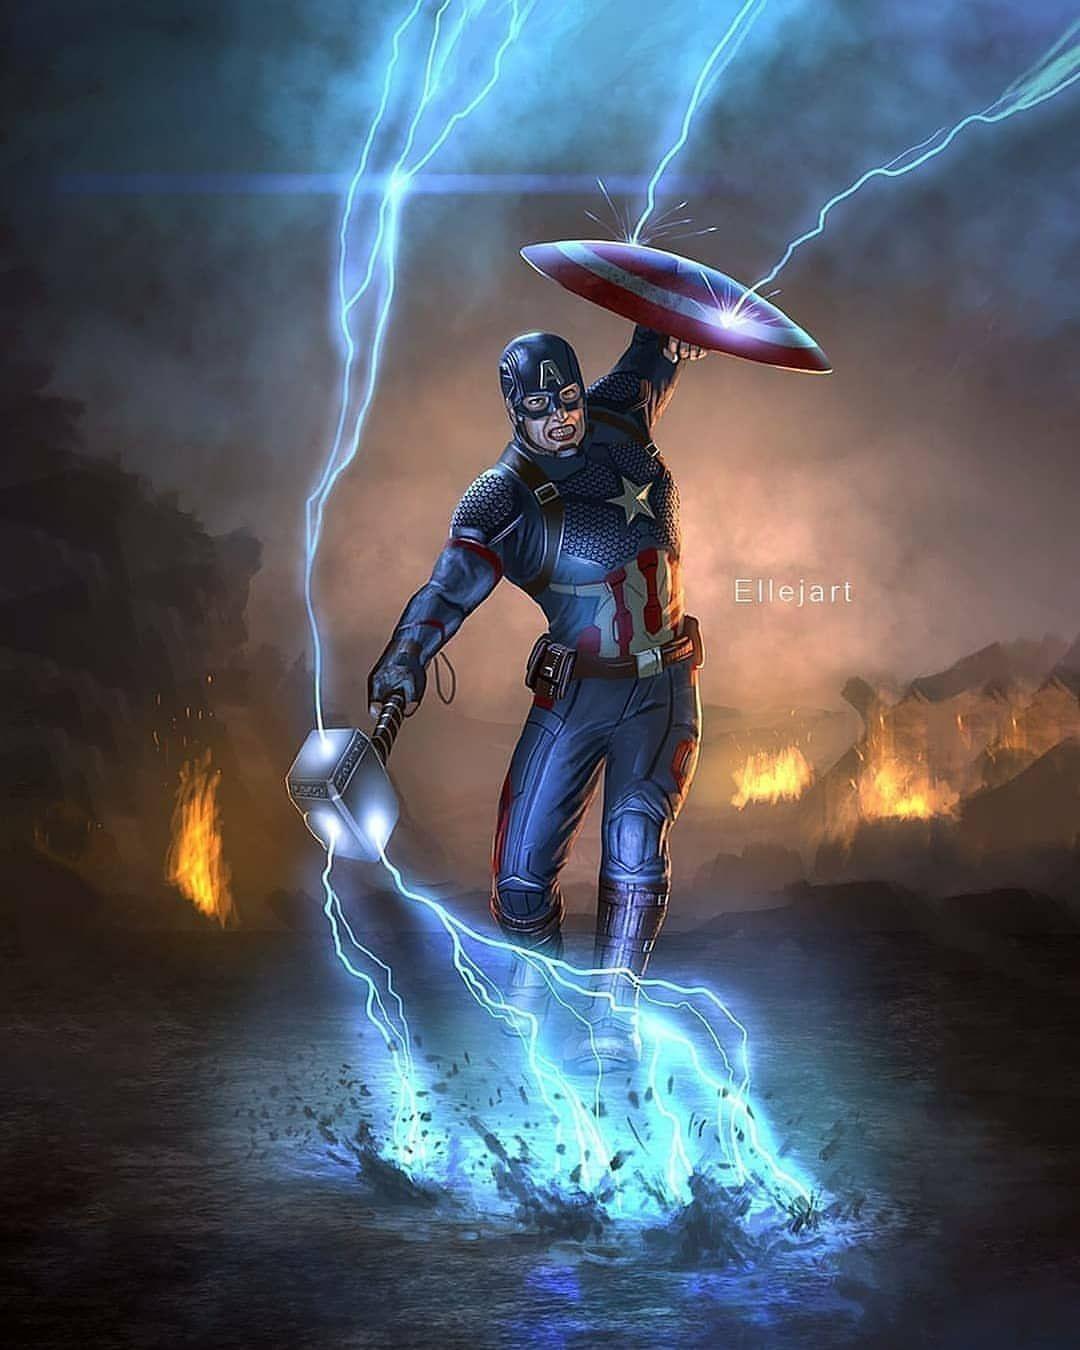 Avengers Marvel Superhero Phone Wallpaper Captain America Wallpaper Marvel Superheroes Marvel